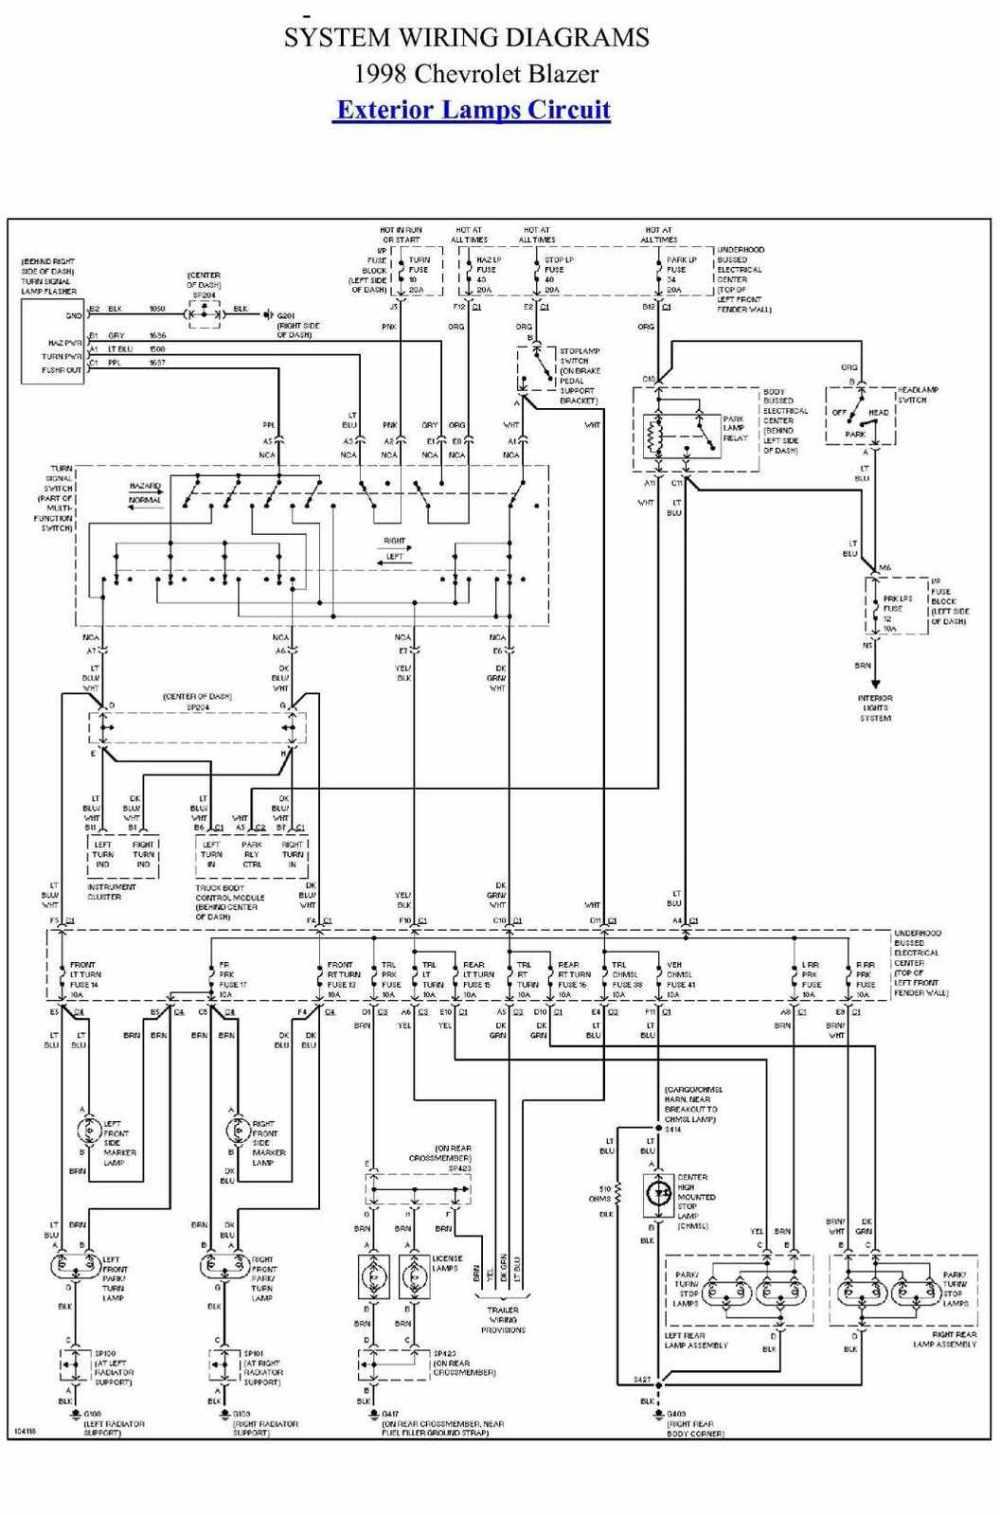 medium resolution of 1998 chevy blazer wiring diagram 9 27 kenmo lp de u2022